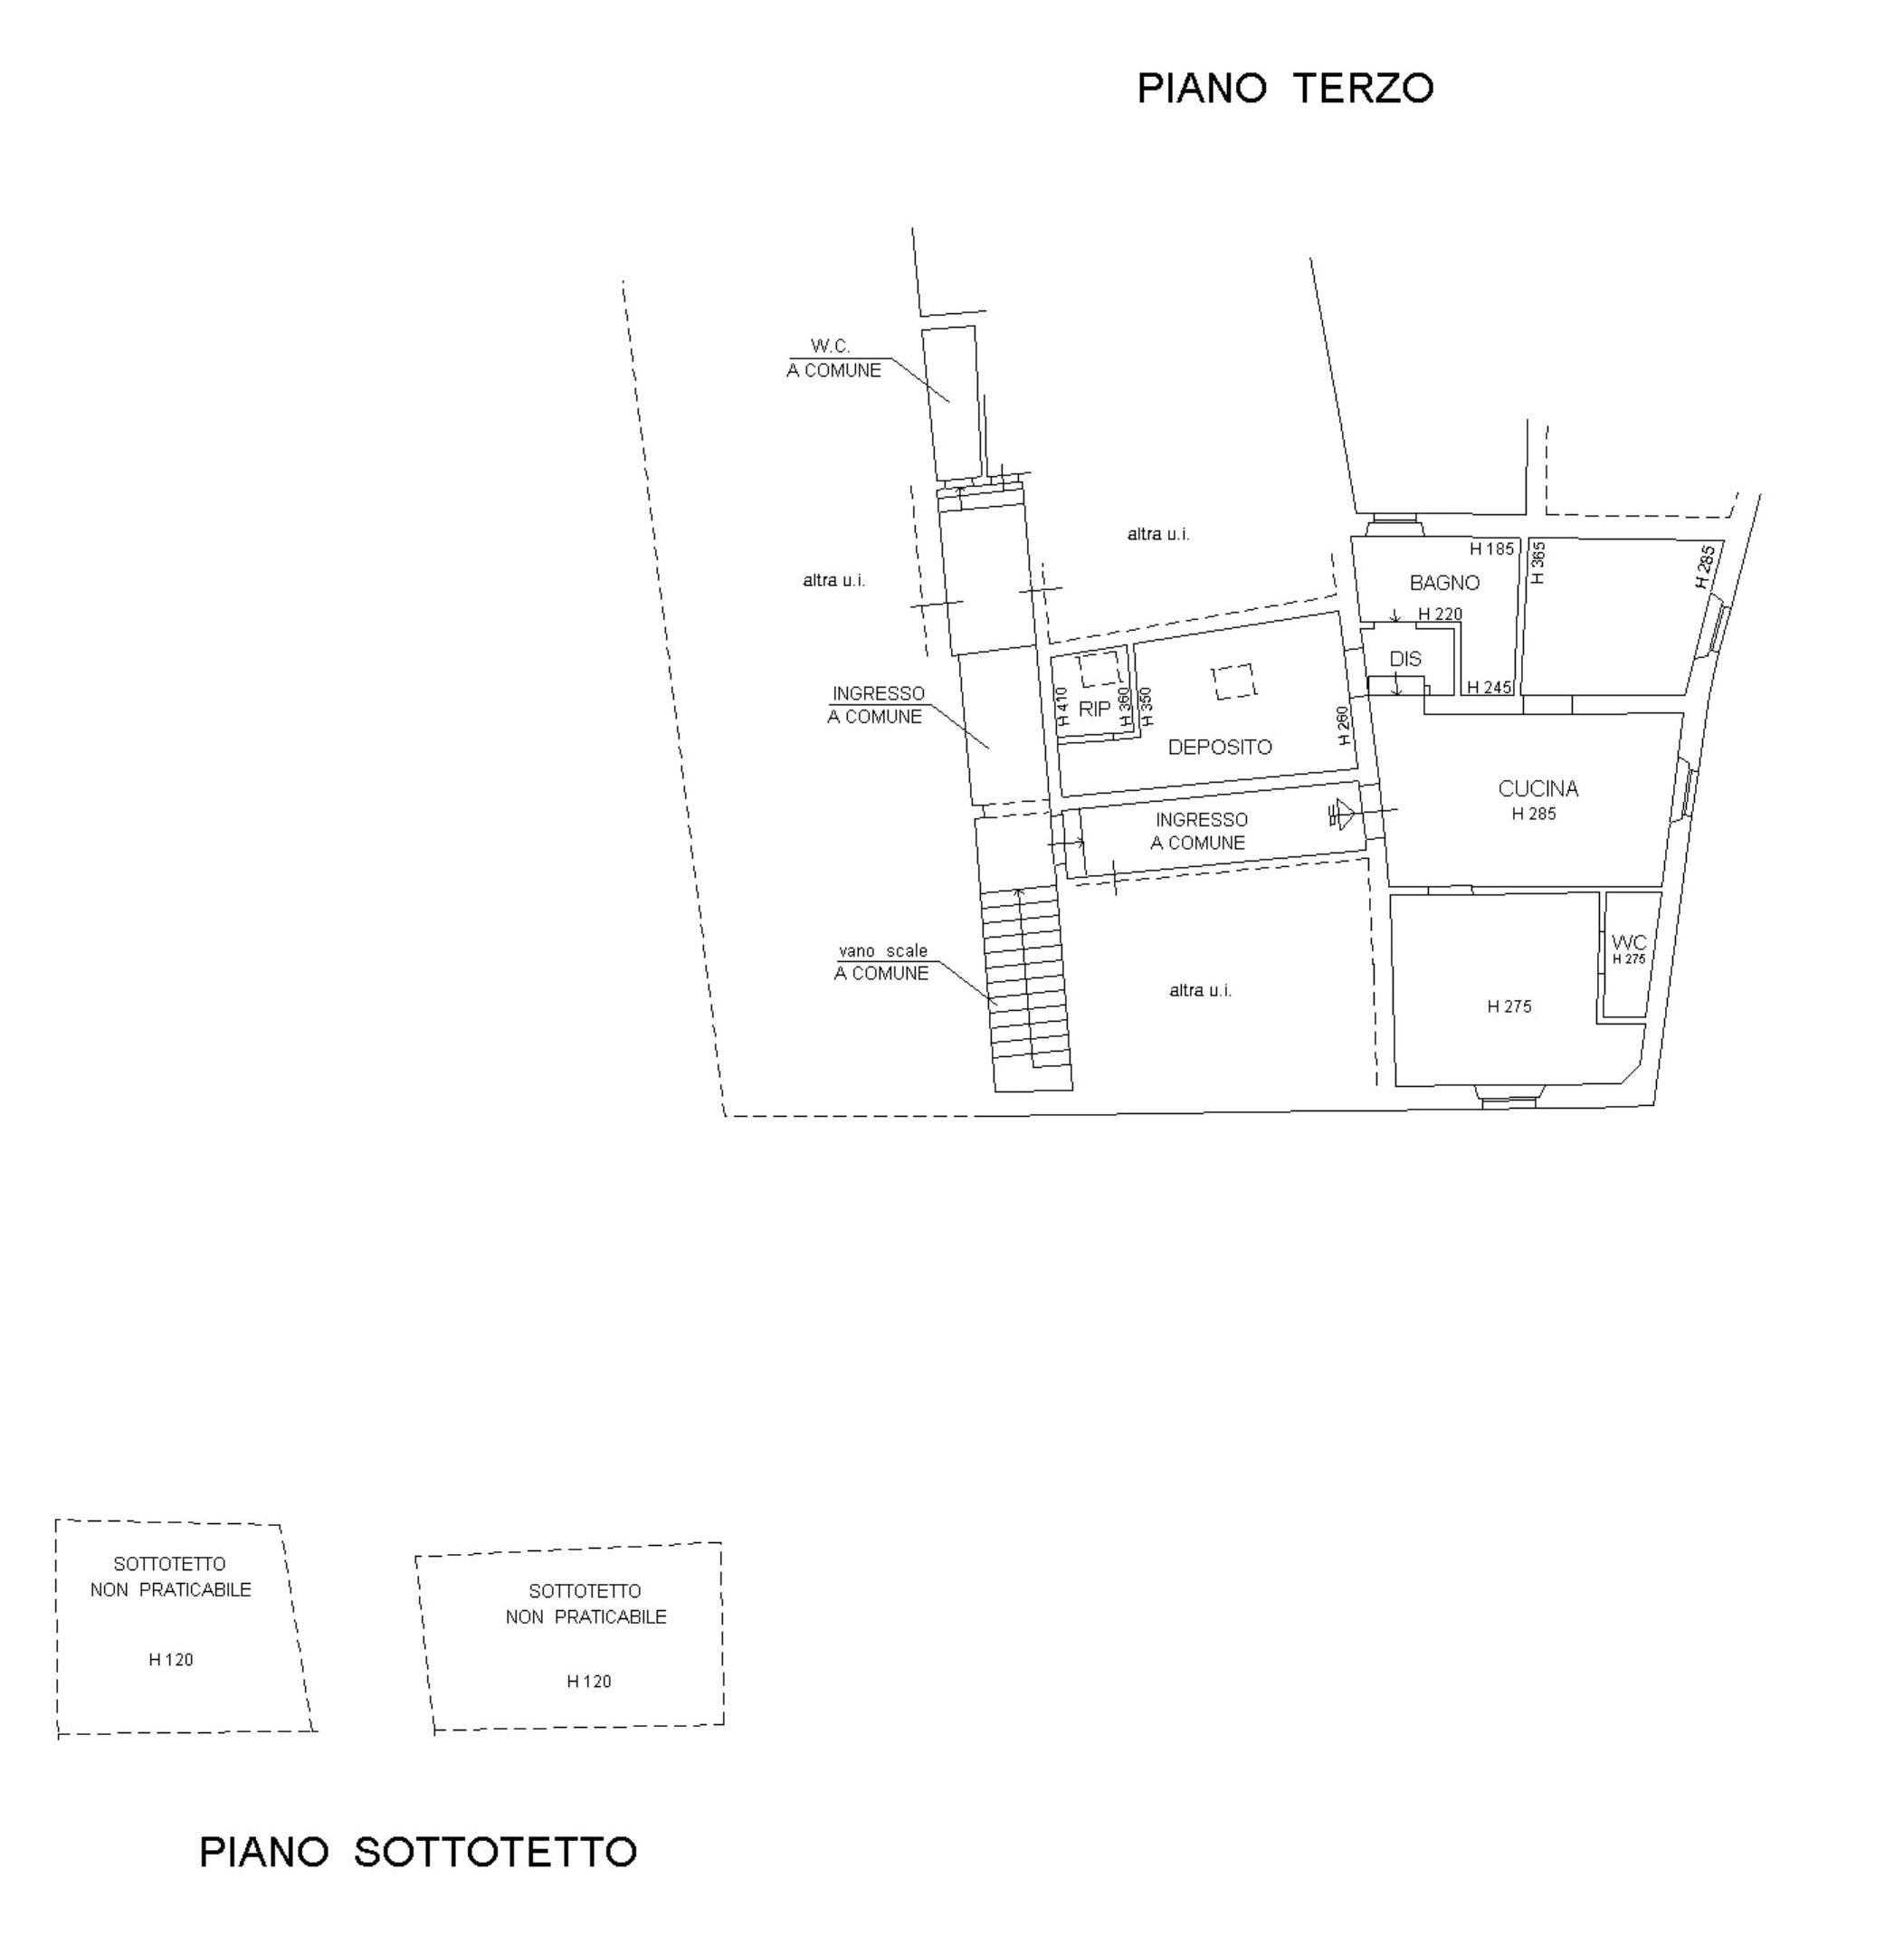 Appartamento in vendita, rif. 679 (Planimetria 1/1)